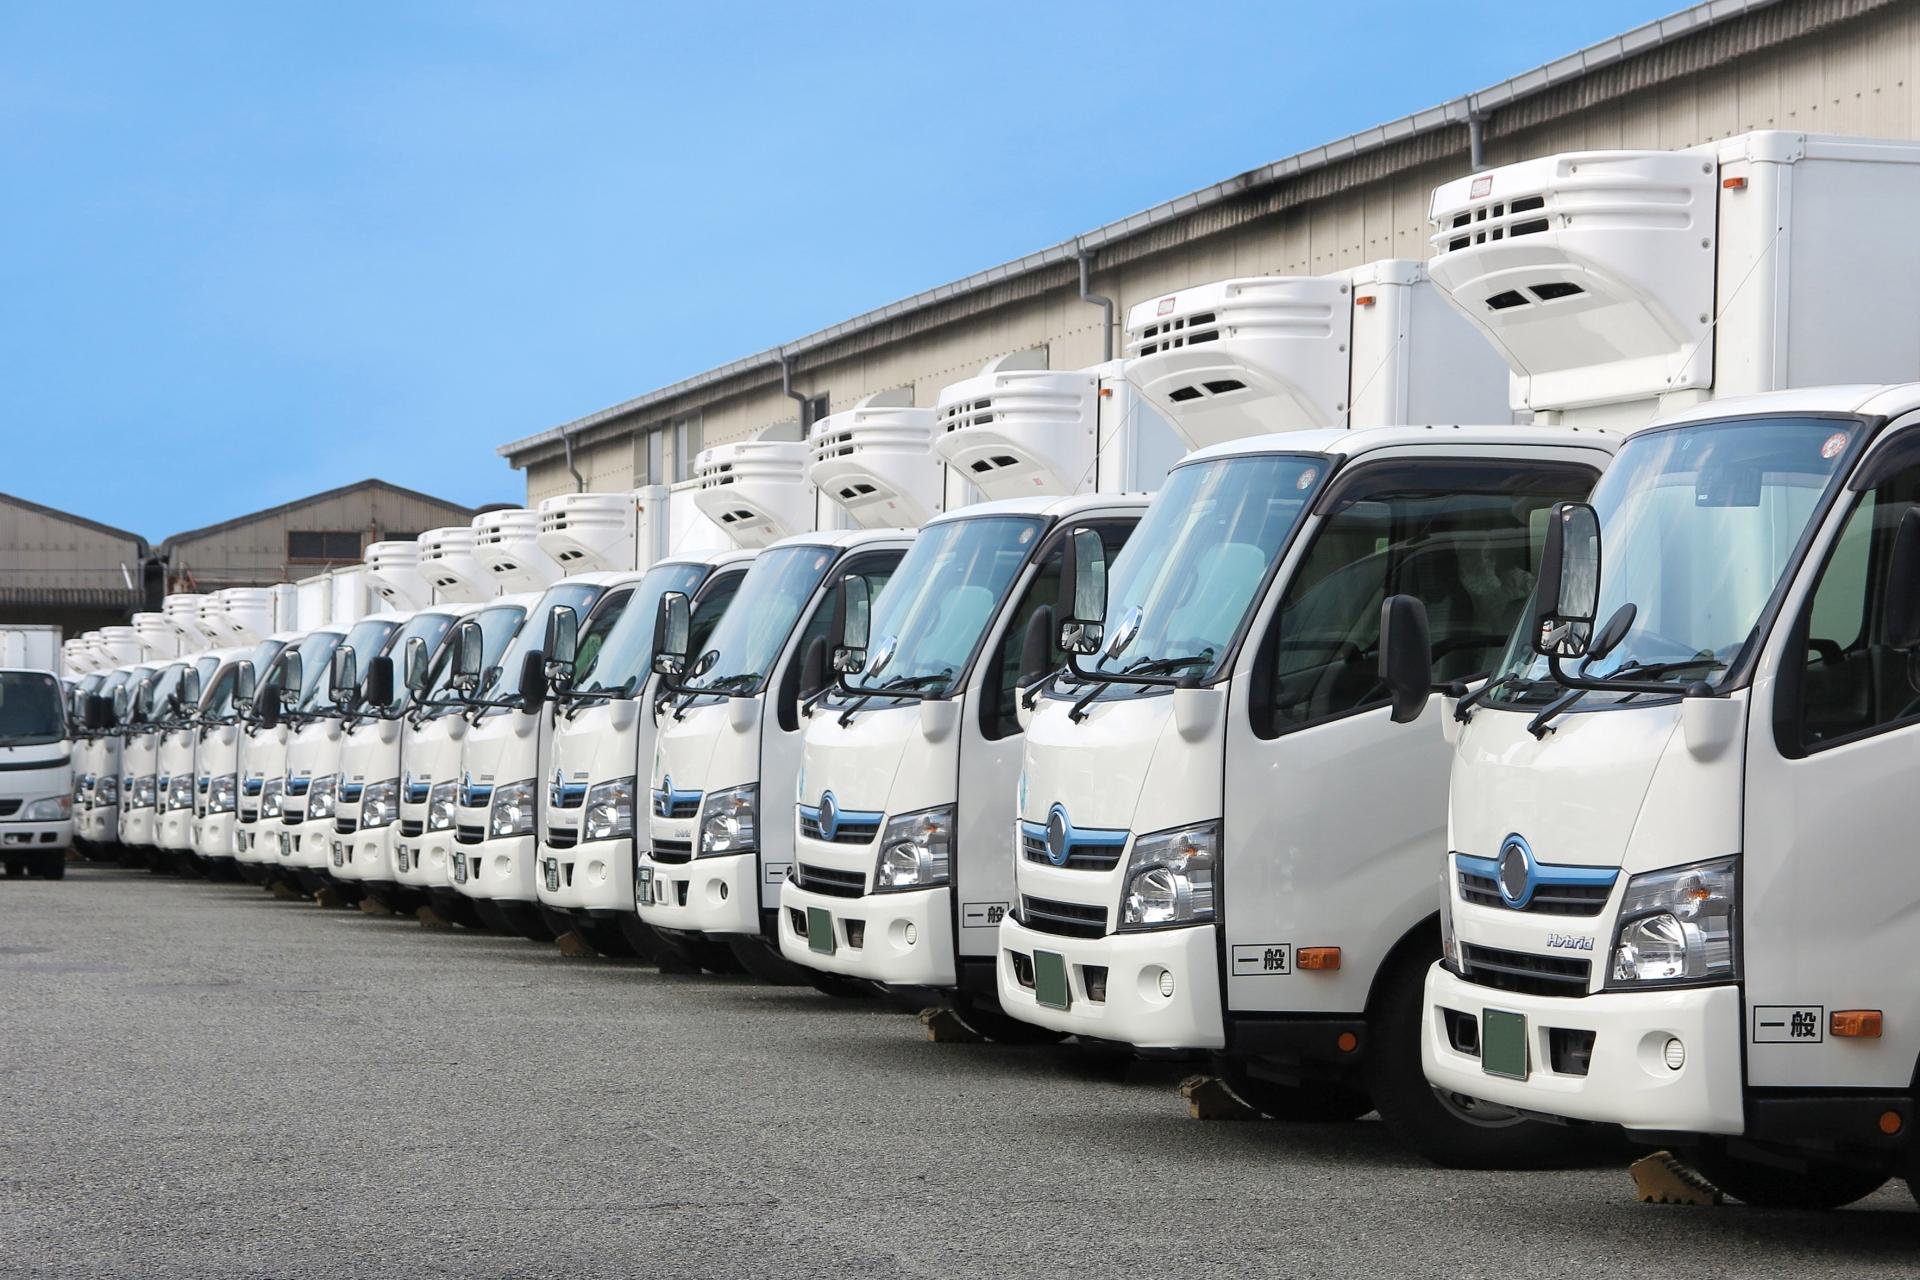 小規模運送会社向け インターネットを利用したスマホ内線化・勤怠管理システムで業務効率を改善